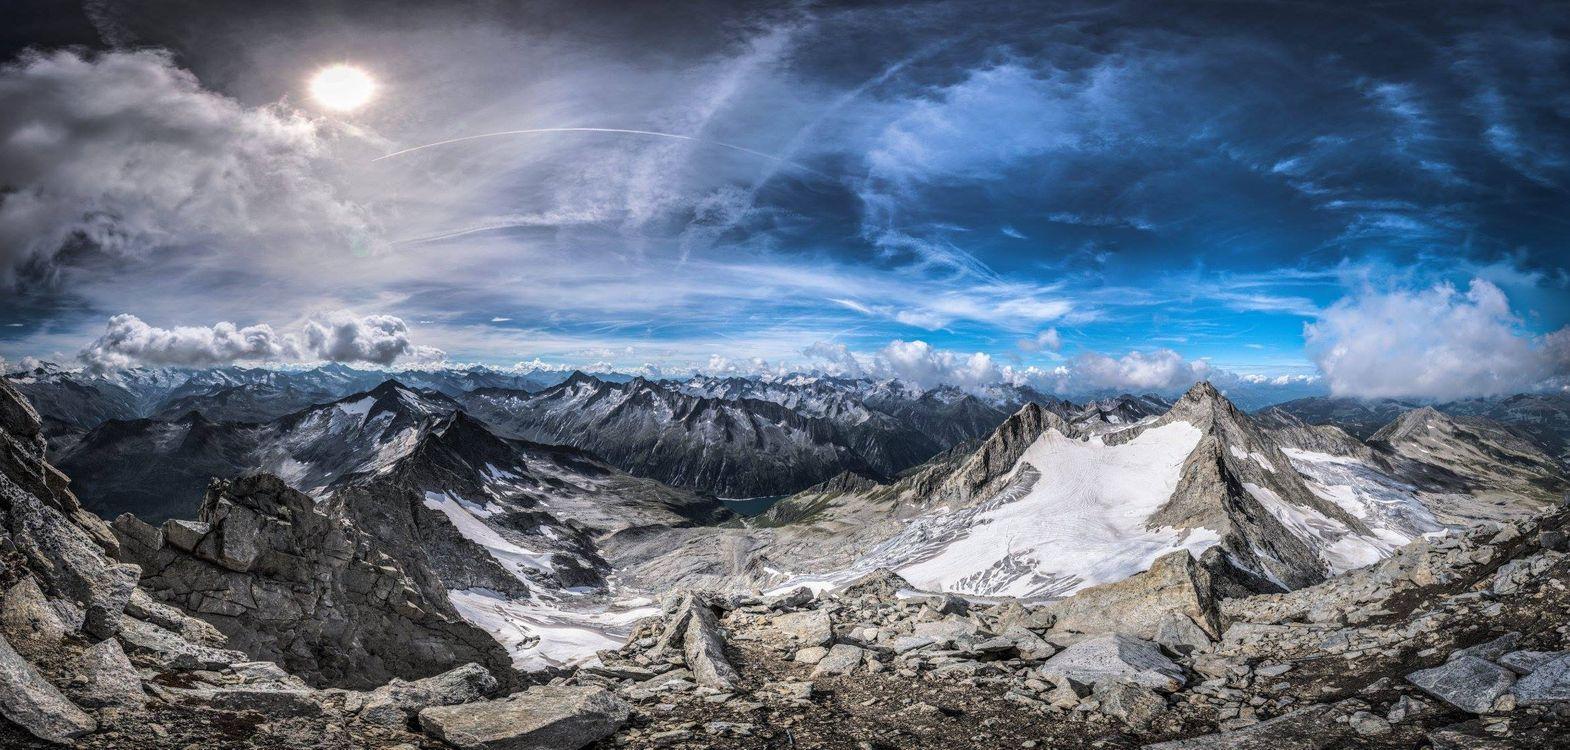 Фото бесплатно Удивительный вид из Райхеншпитце, Австрия, горы, небо, облака, панорама, пейзаж, пейзажи